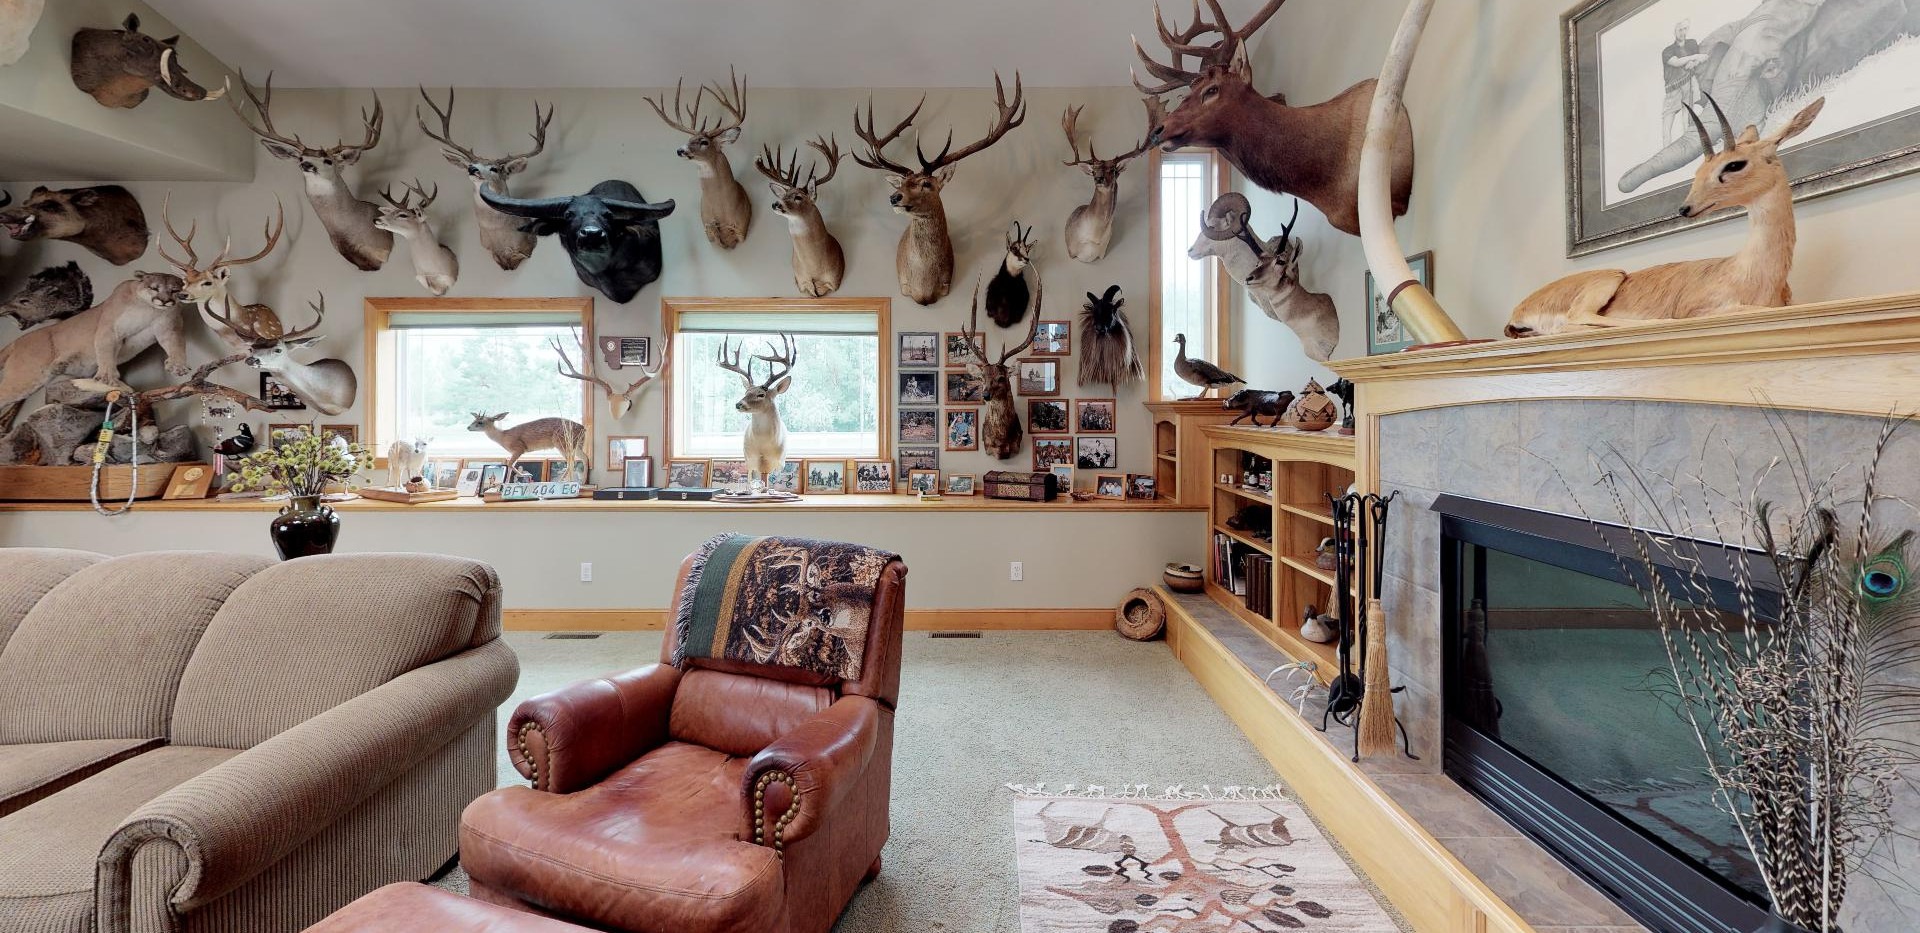 KFr8RyMwd2q - Living Room.jpg